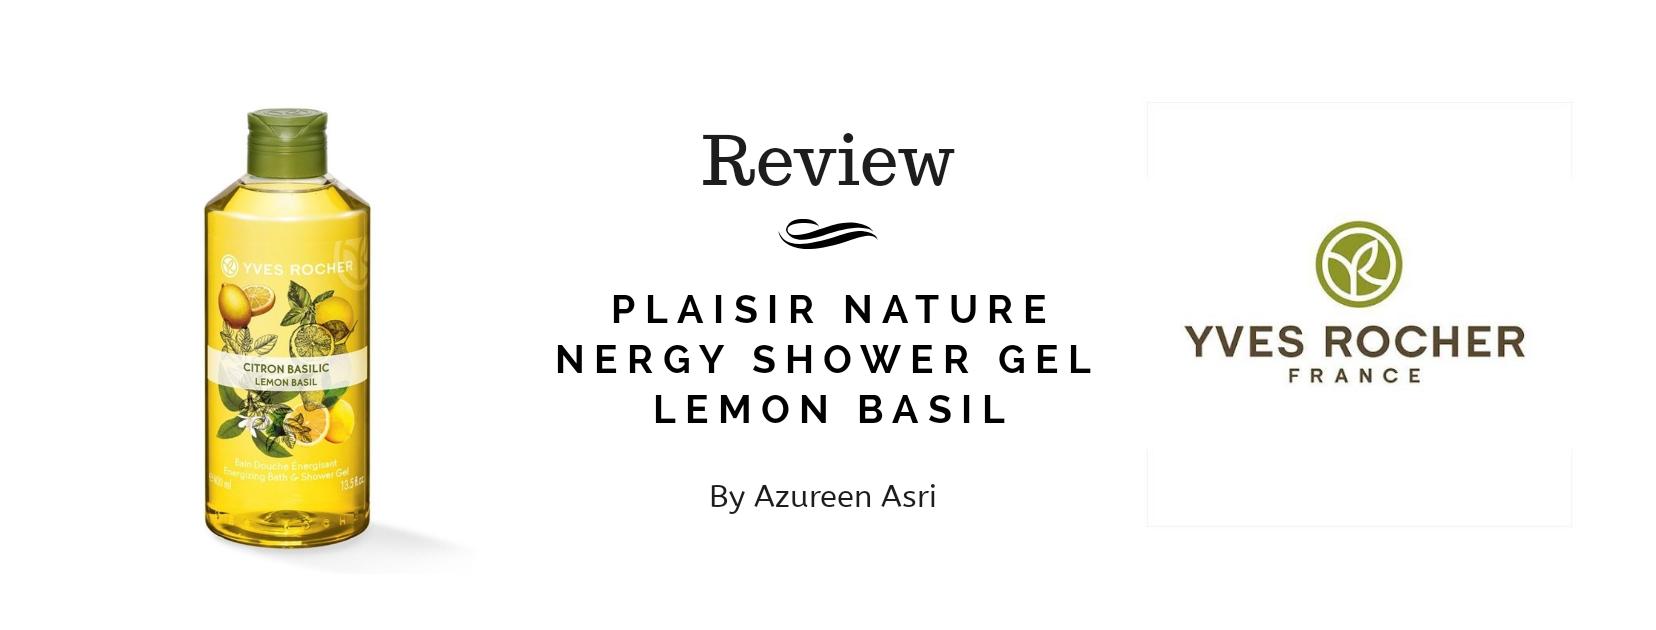 Refreshing Body Care: Yves Rocher Plaisir Nature Energy Shower Gel – Lemon Basil